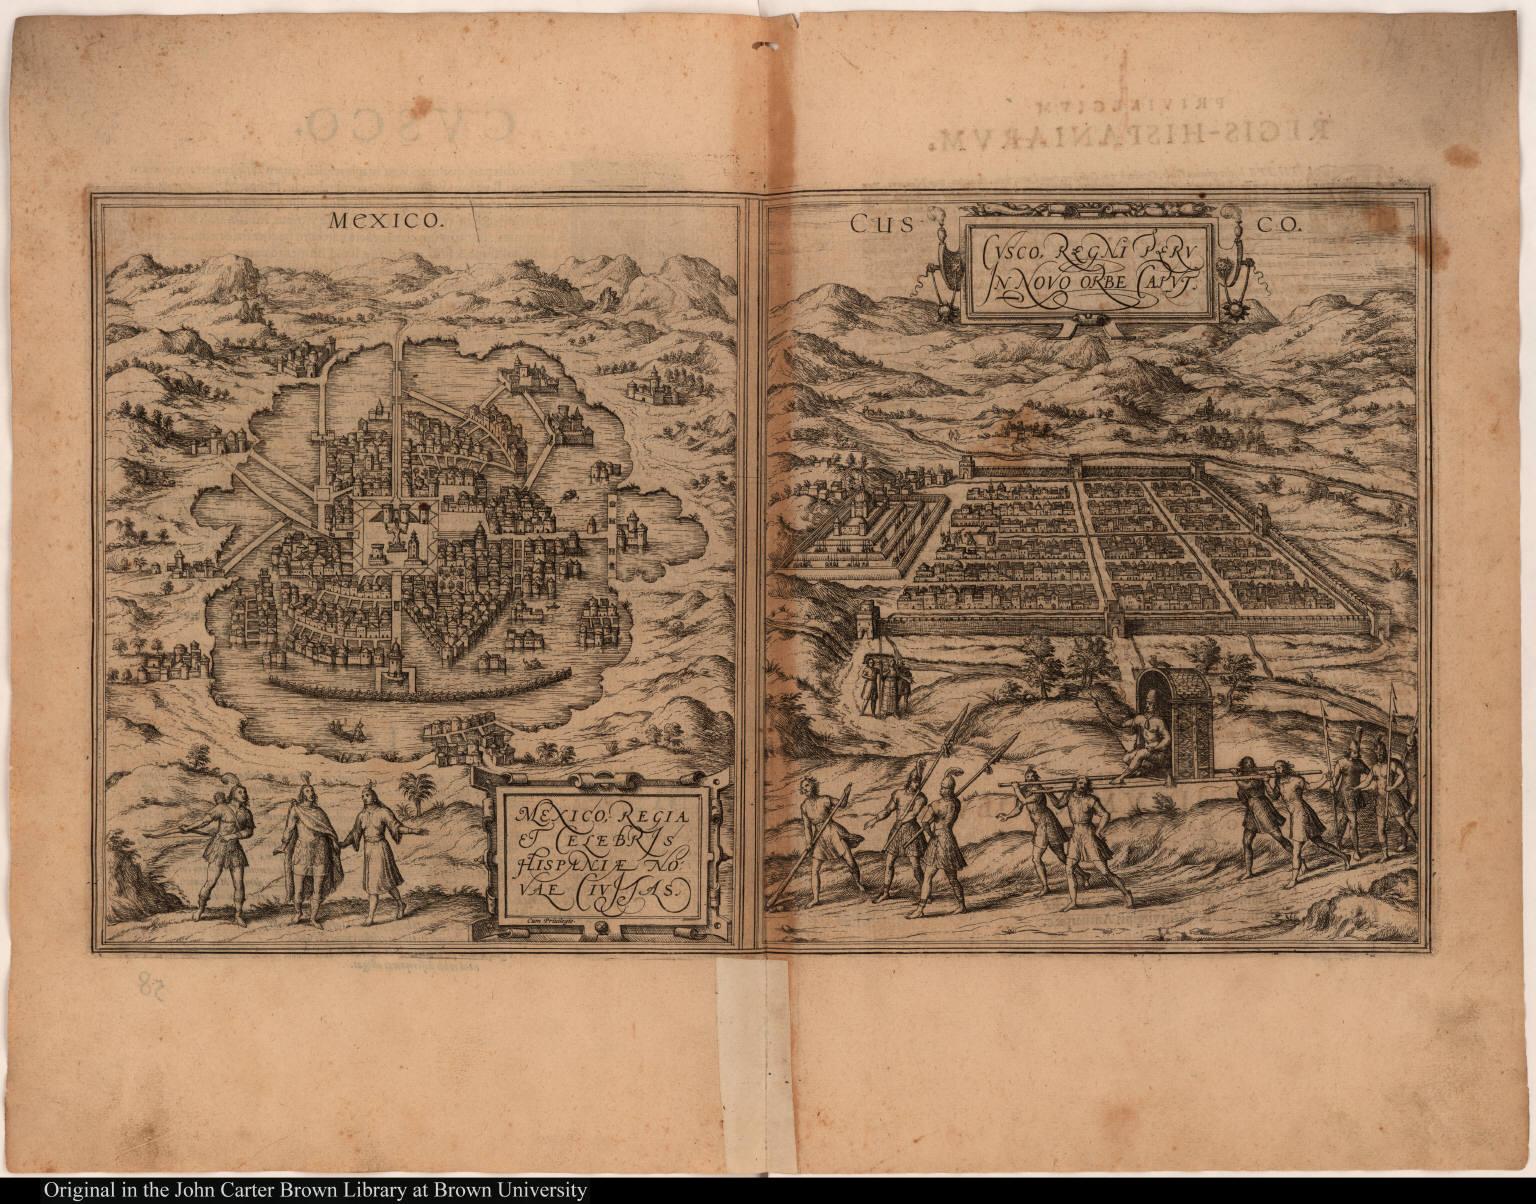 [left] Mexico, Regia & Celebris Hispaniae Novae Civitas. [right] Cusco, Regni Peru In Novo orbe Caput.